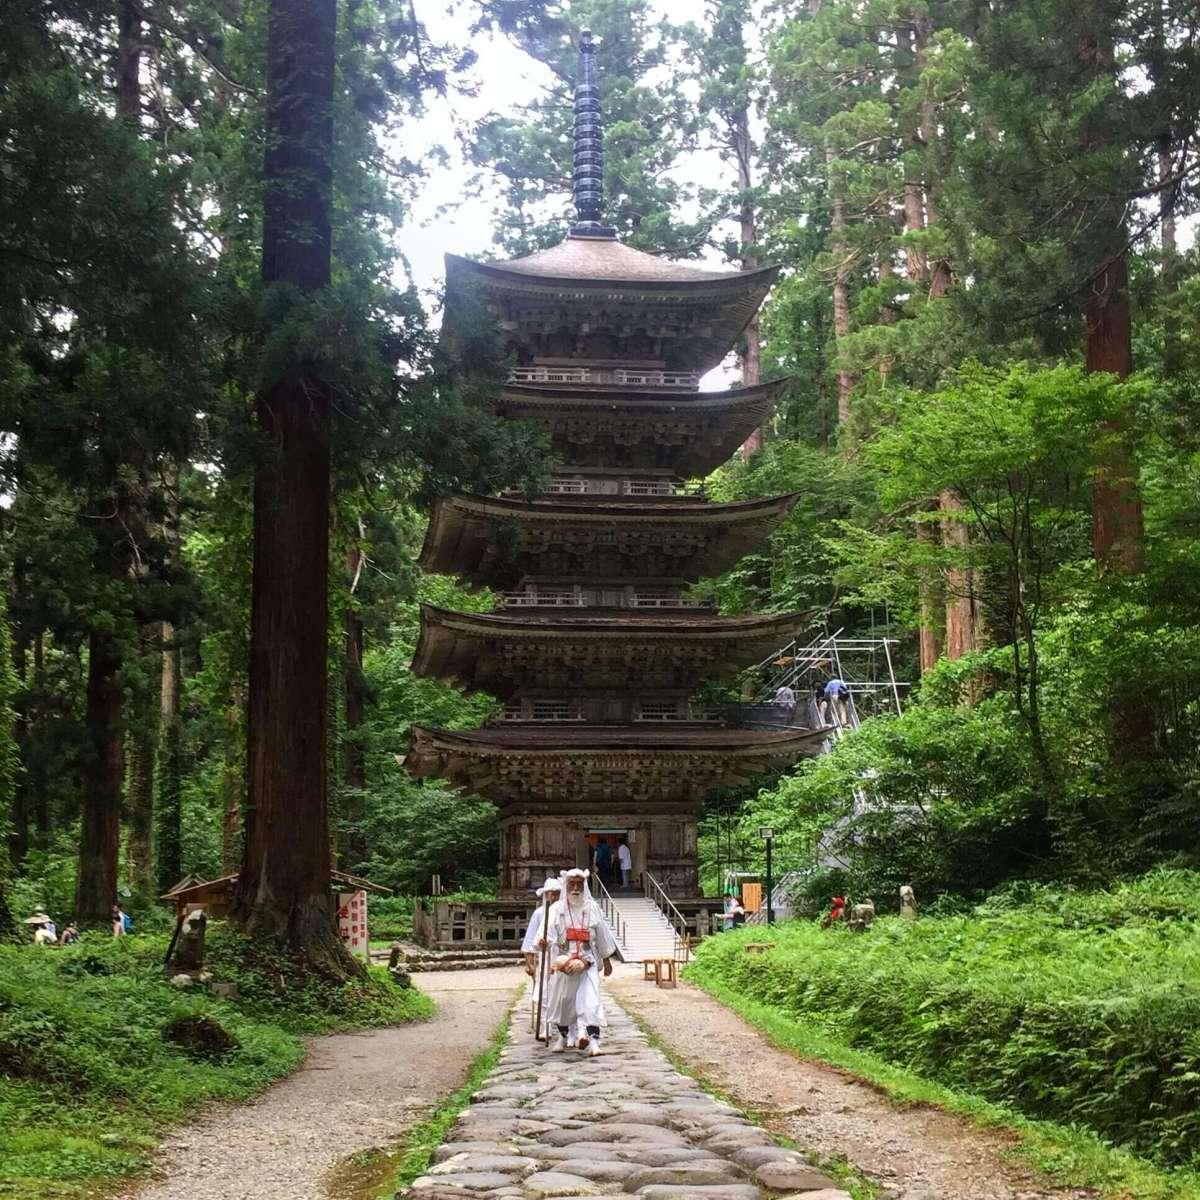 Yamabushi training near the Five Storied Pagoda on Mt. Haguro of the Dewa Sanzan